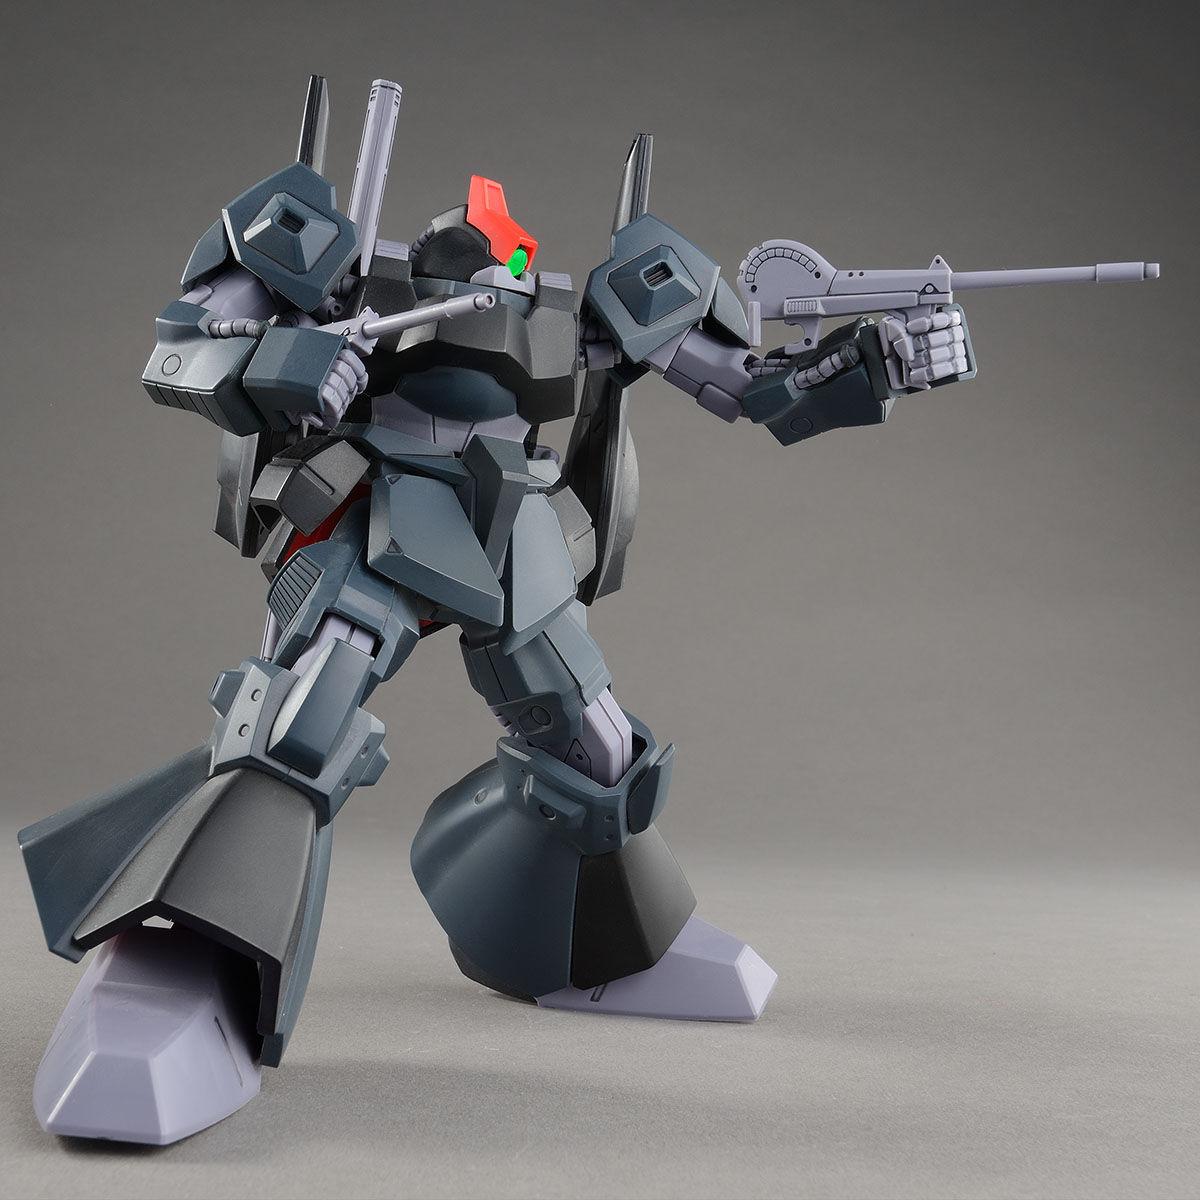 【限定販売】HG 1/144『リック・ディアス』機動戦士Zガンダム プラモデル-007